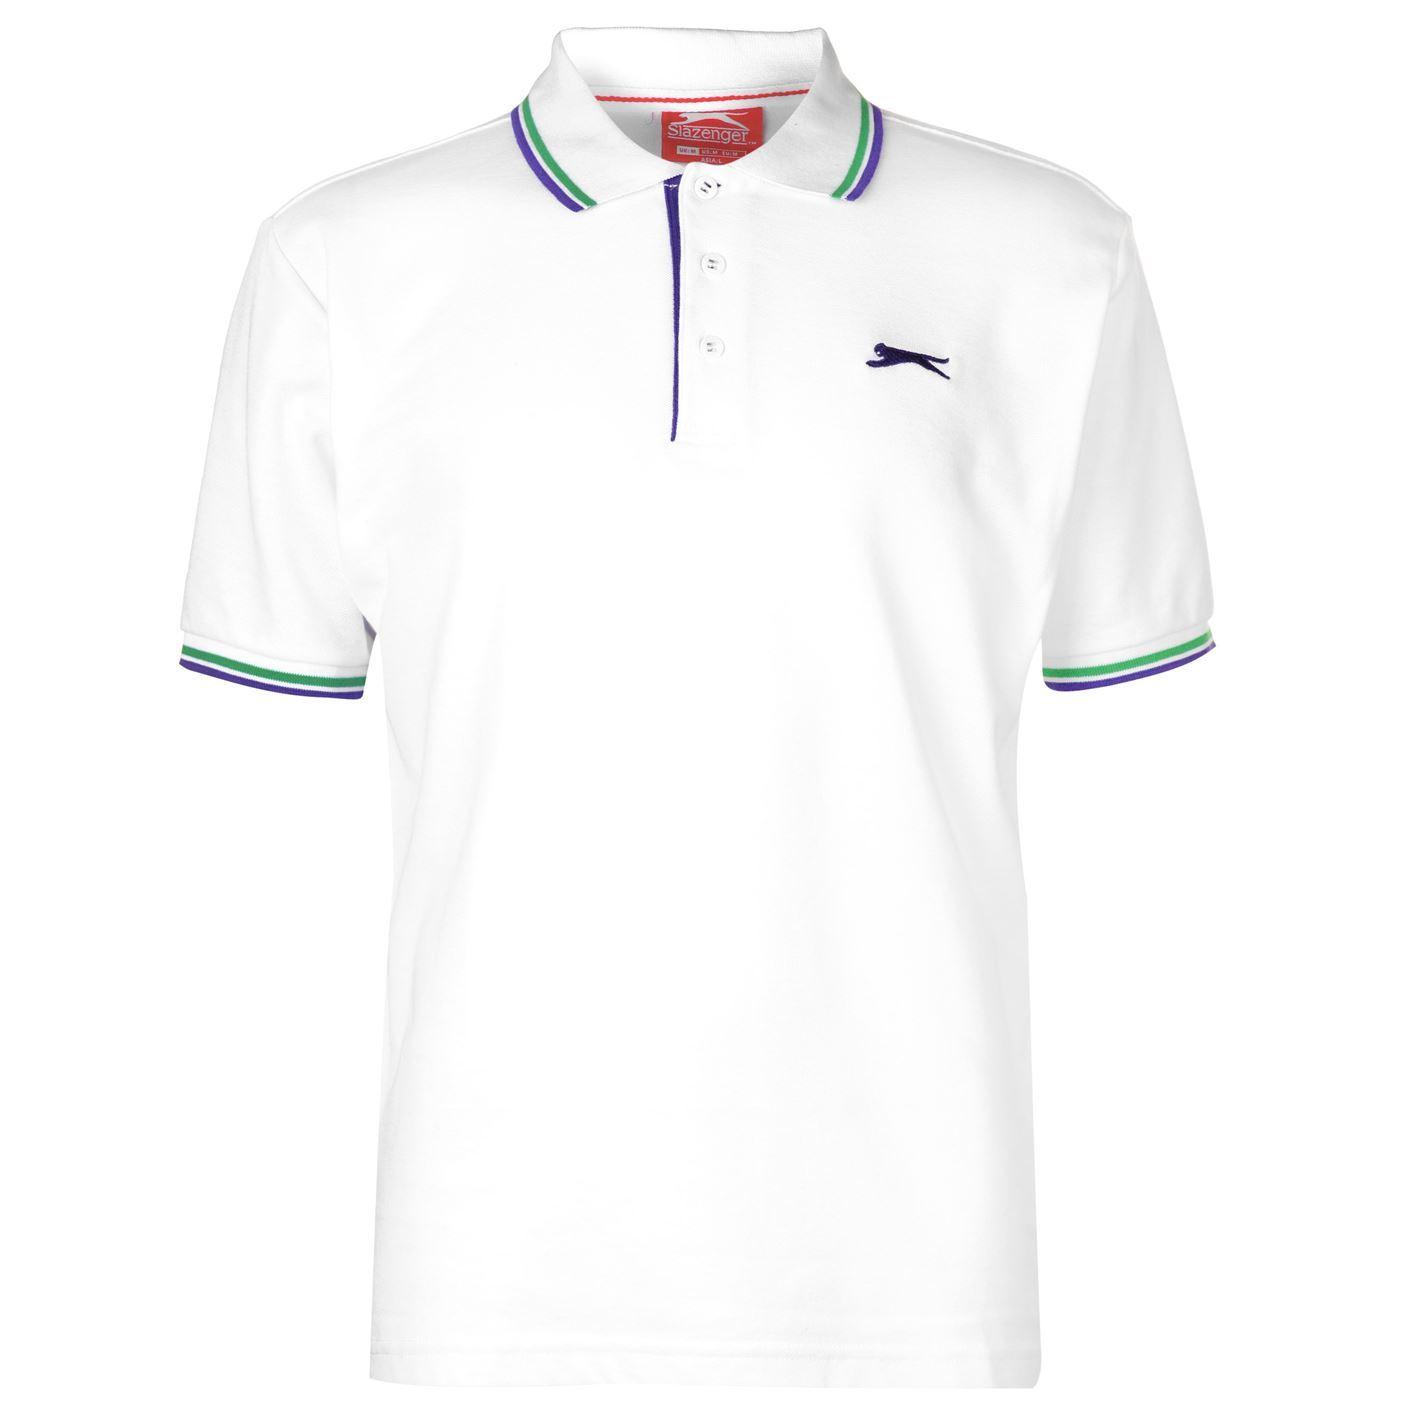 Slazenger-Polo-Camisa-de-hombre-con-cuello-con-Punta-T-Shirt-Top-Camiseta-Tee miniatura 90